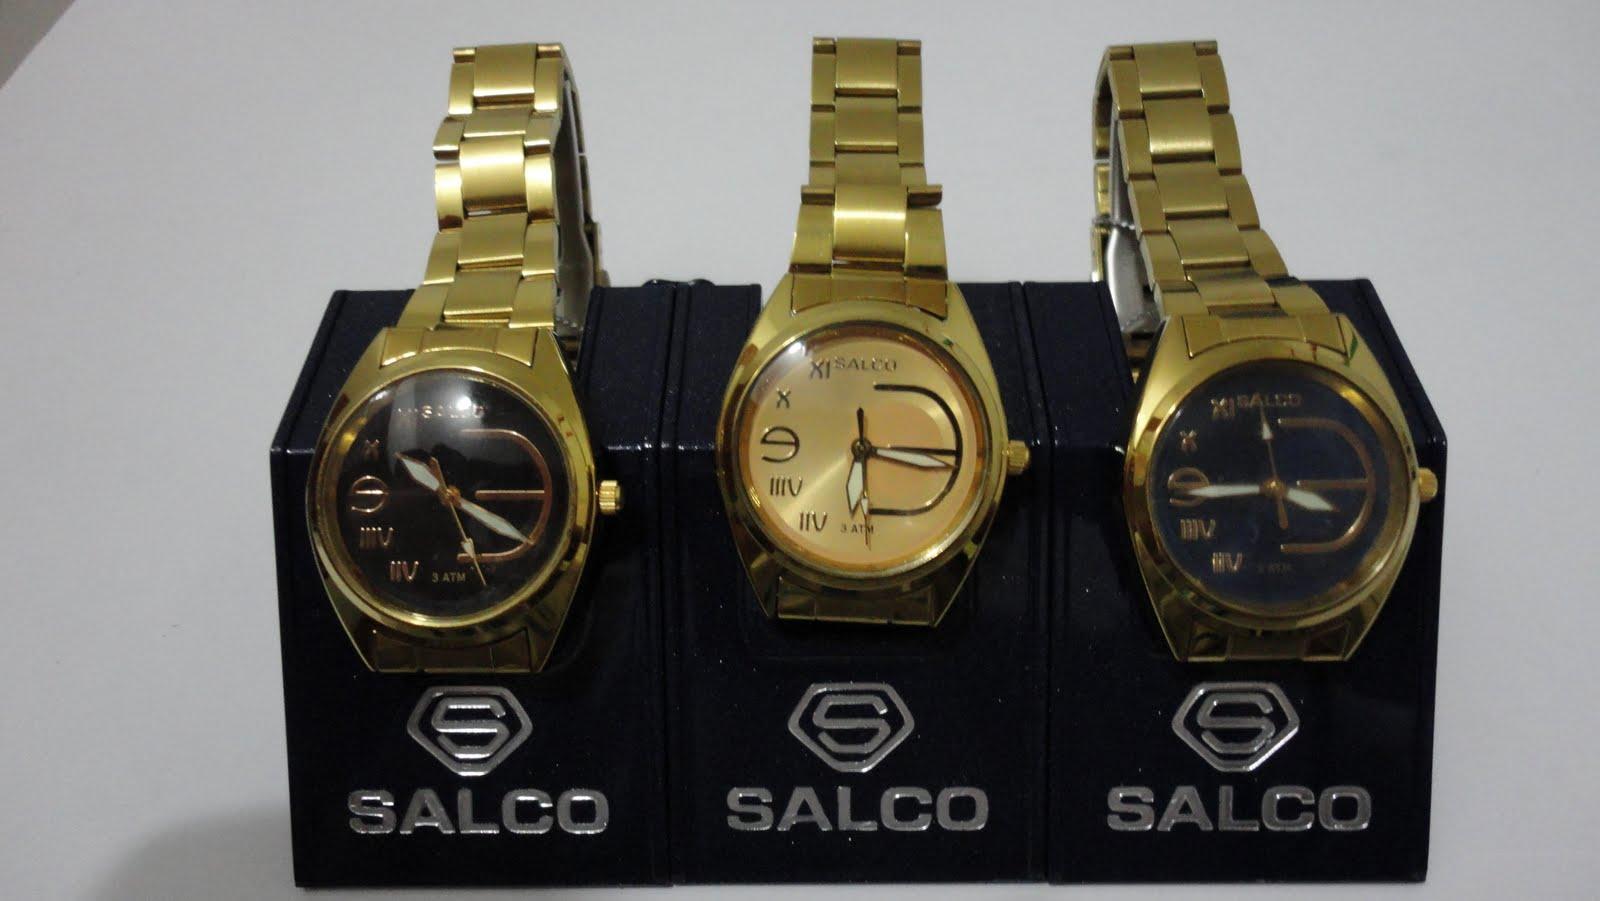 21dea587e0e ASO Imports  Relogios Salco